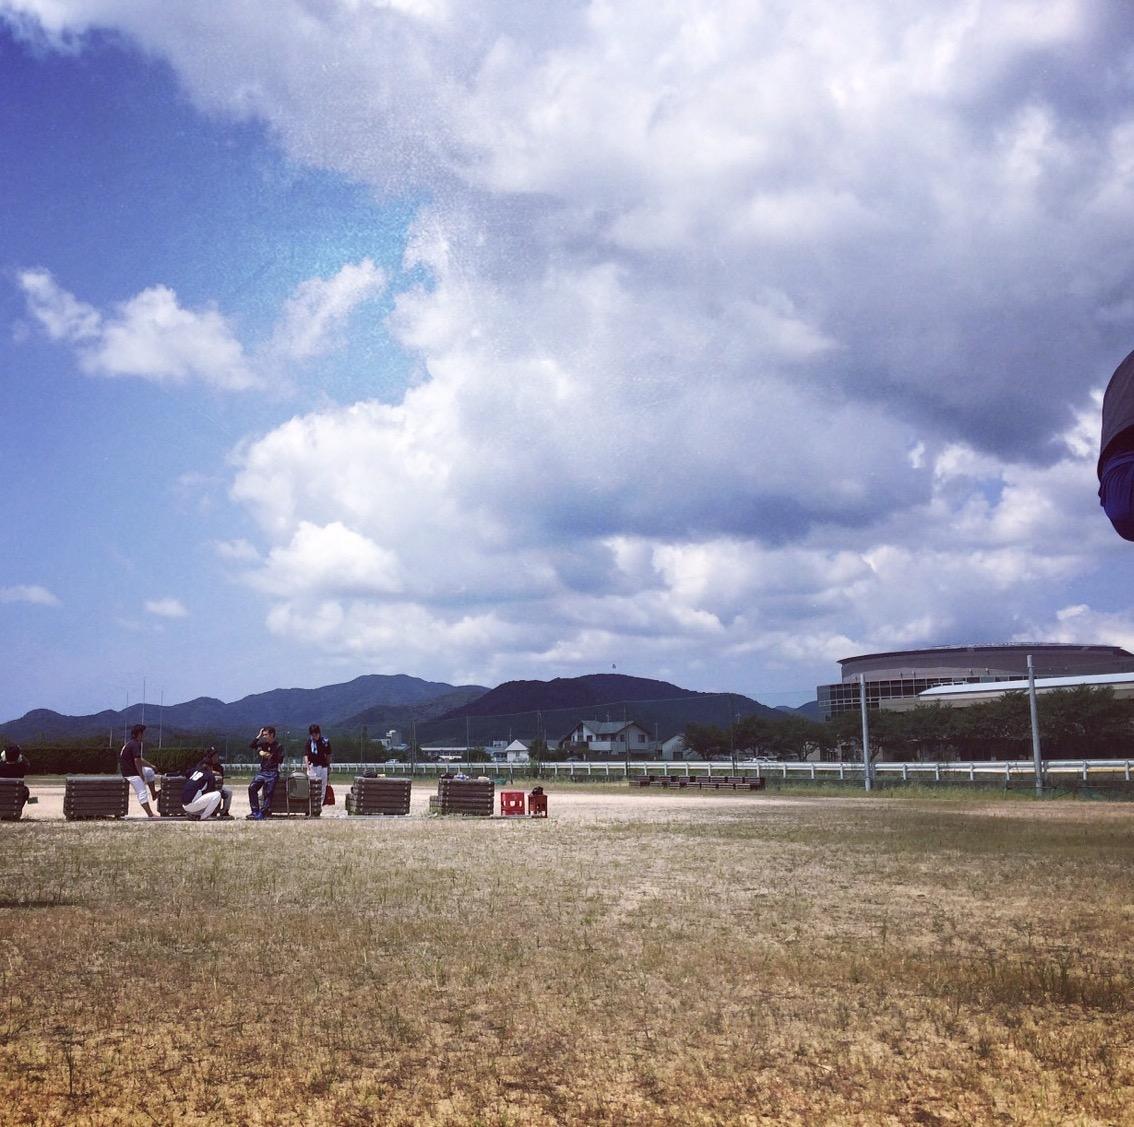 防犯カメラ専業メーカー 日本防犯システム 営業マンブログ20171002